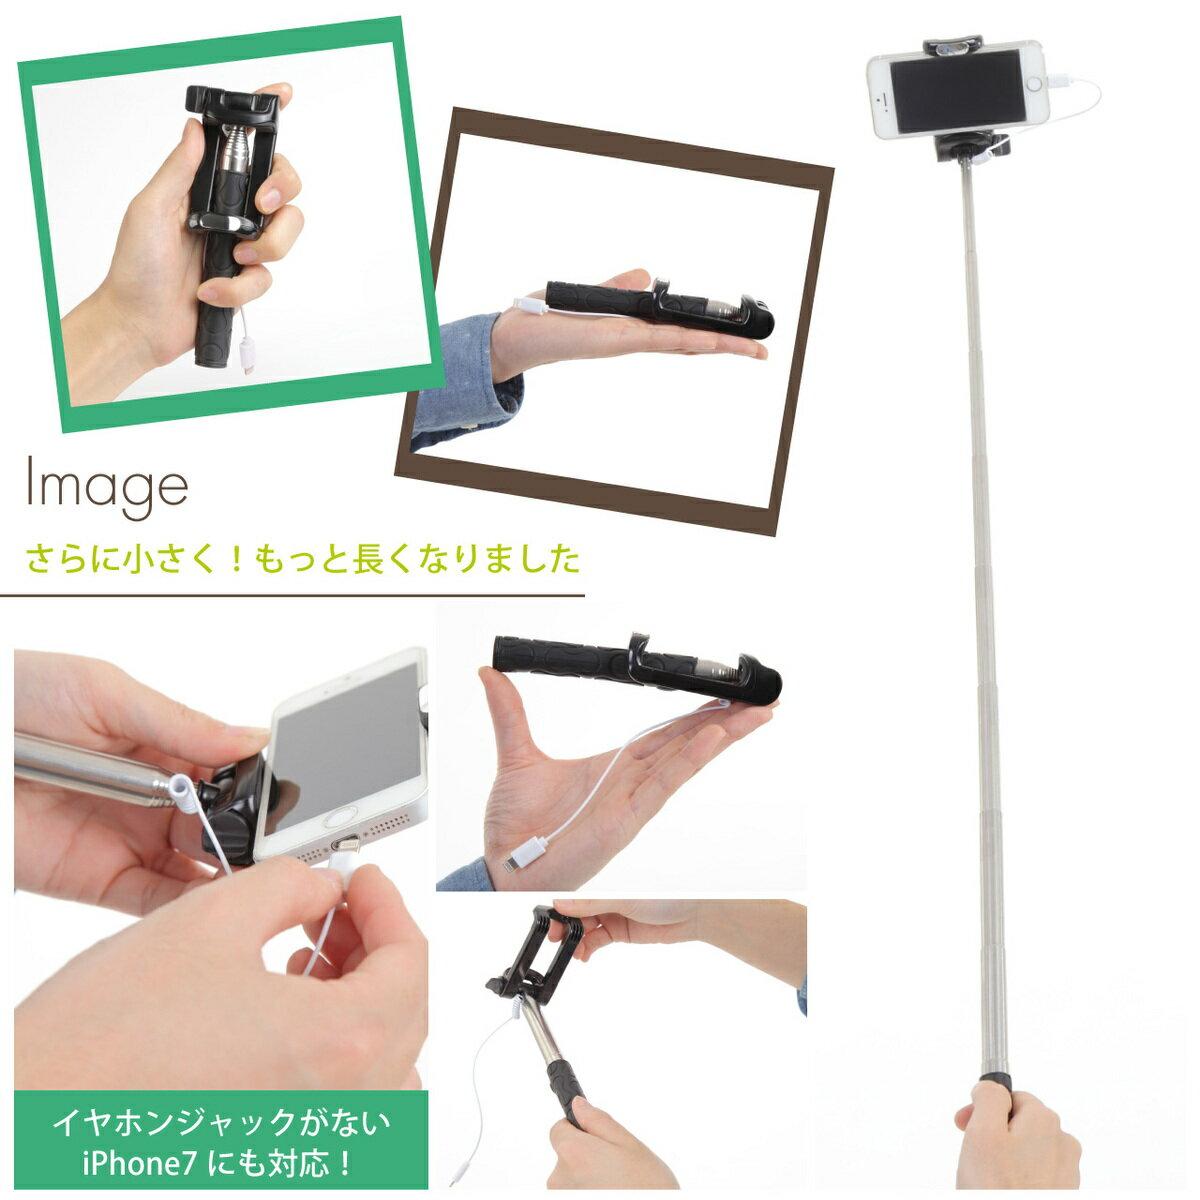 セルカ棒 自撮り棒 セルフィスティック ライトニングケーブル 有線 手元シャッターボタン付き iPhone専用モデル iPhone7対応 あす楽【メール便 】